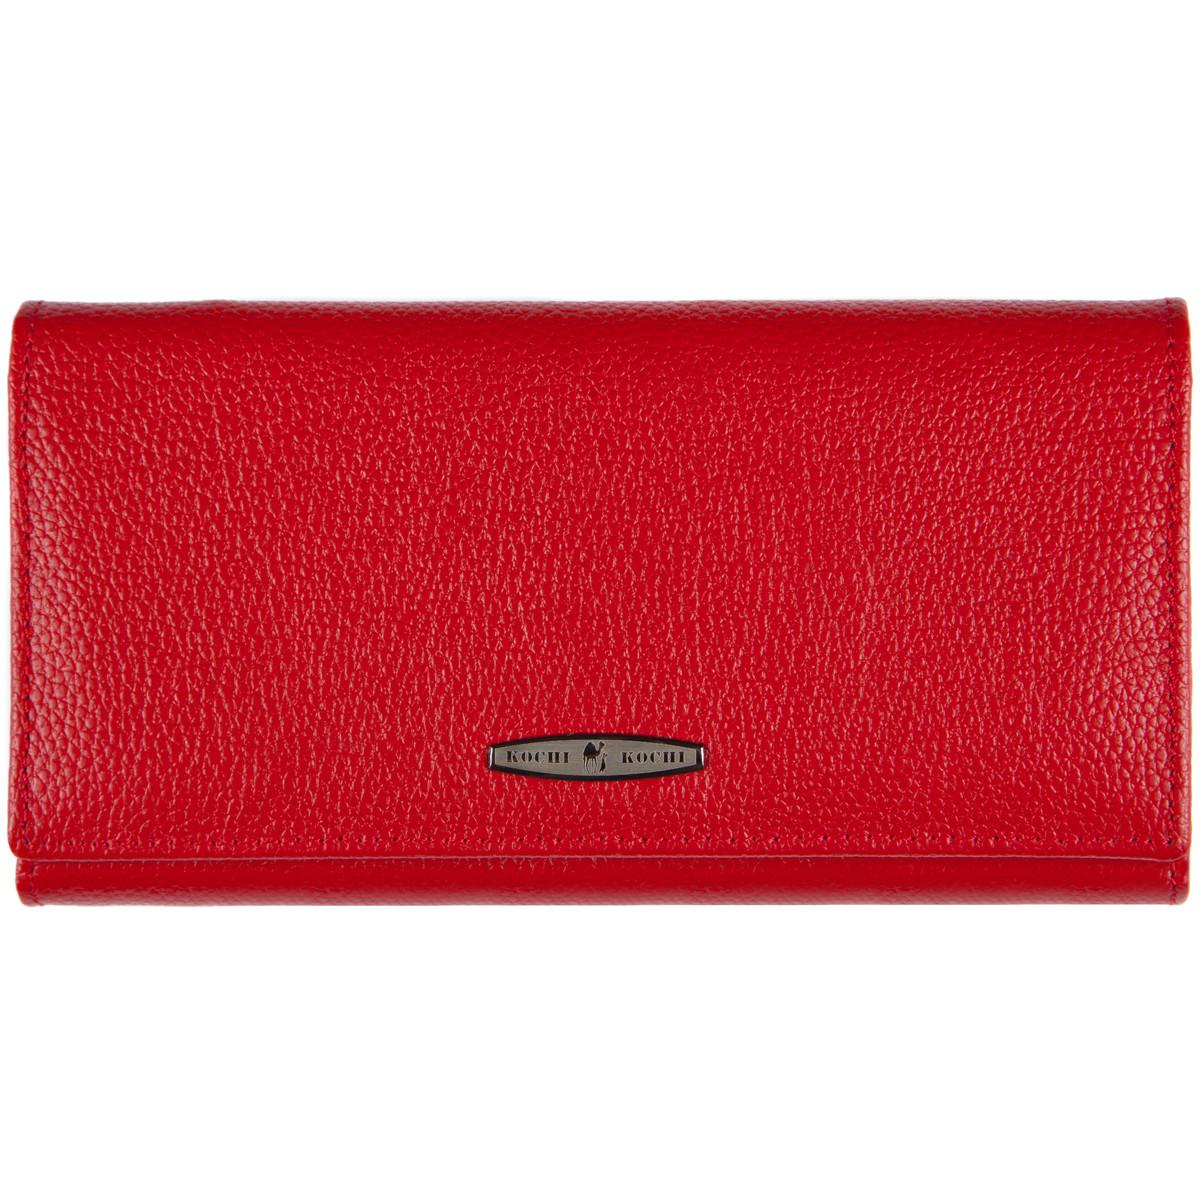 Кожаный женский кошелёк KOCHI красный с застёжкой кнопка 185х95х30  м К-306кр